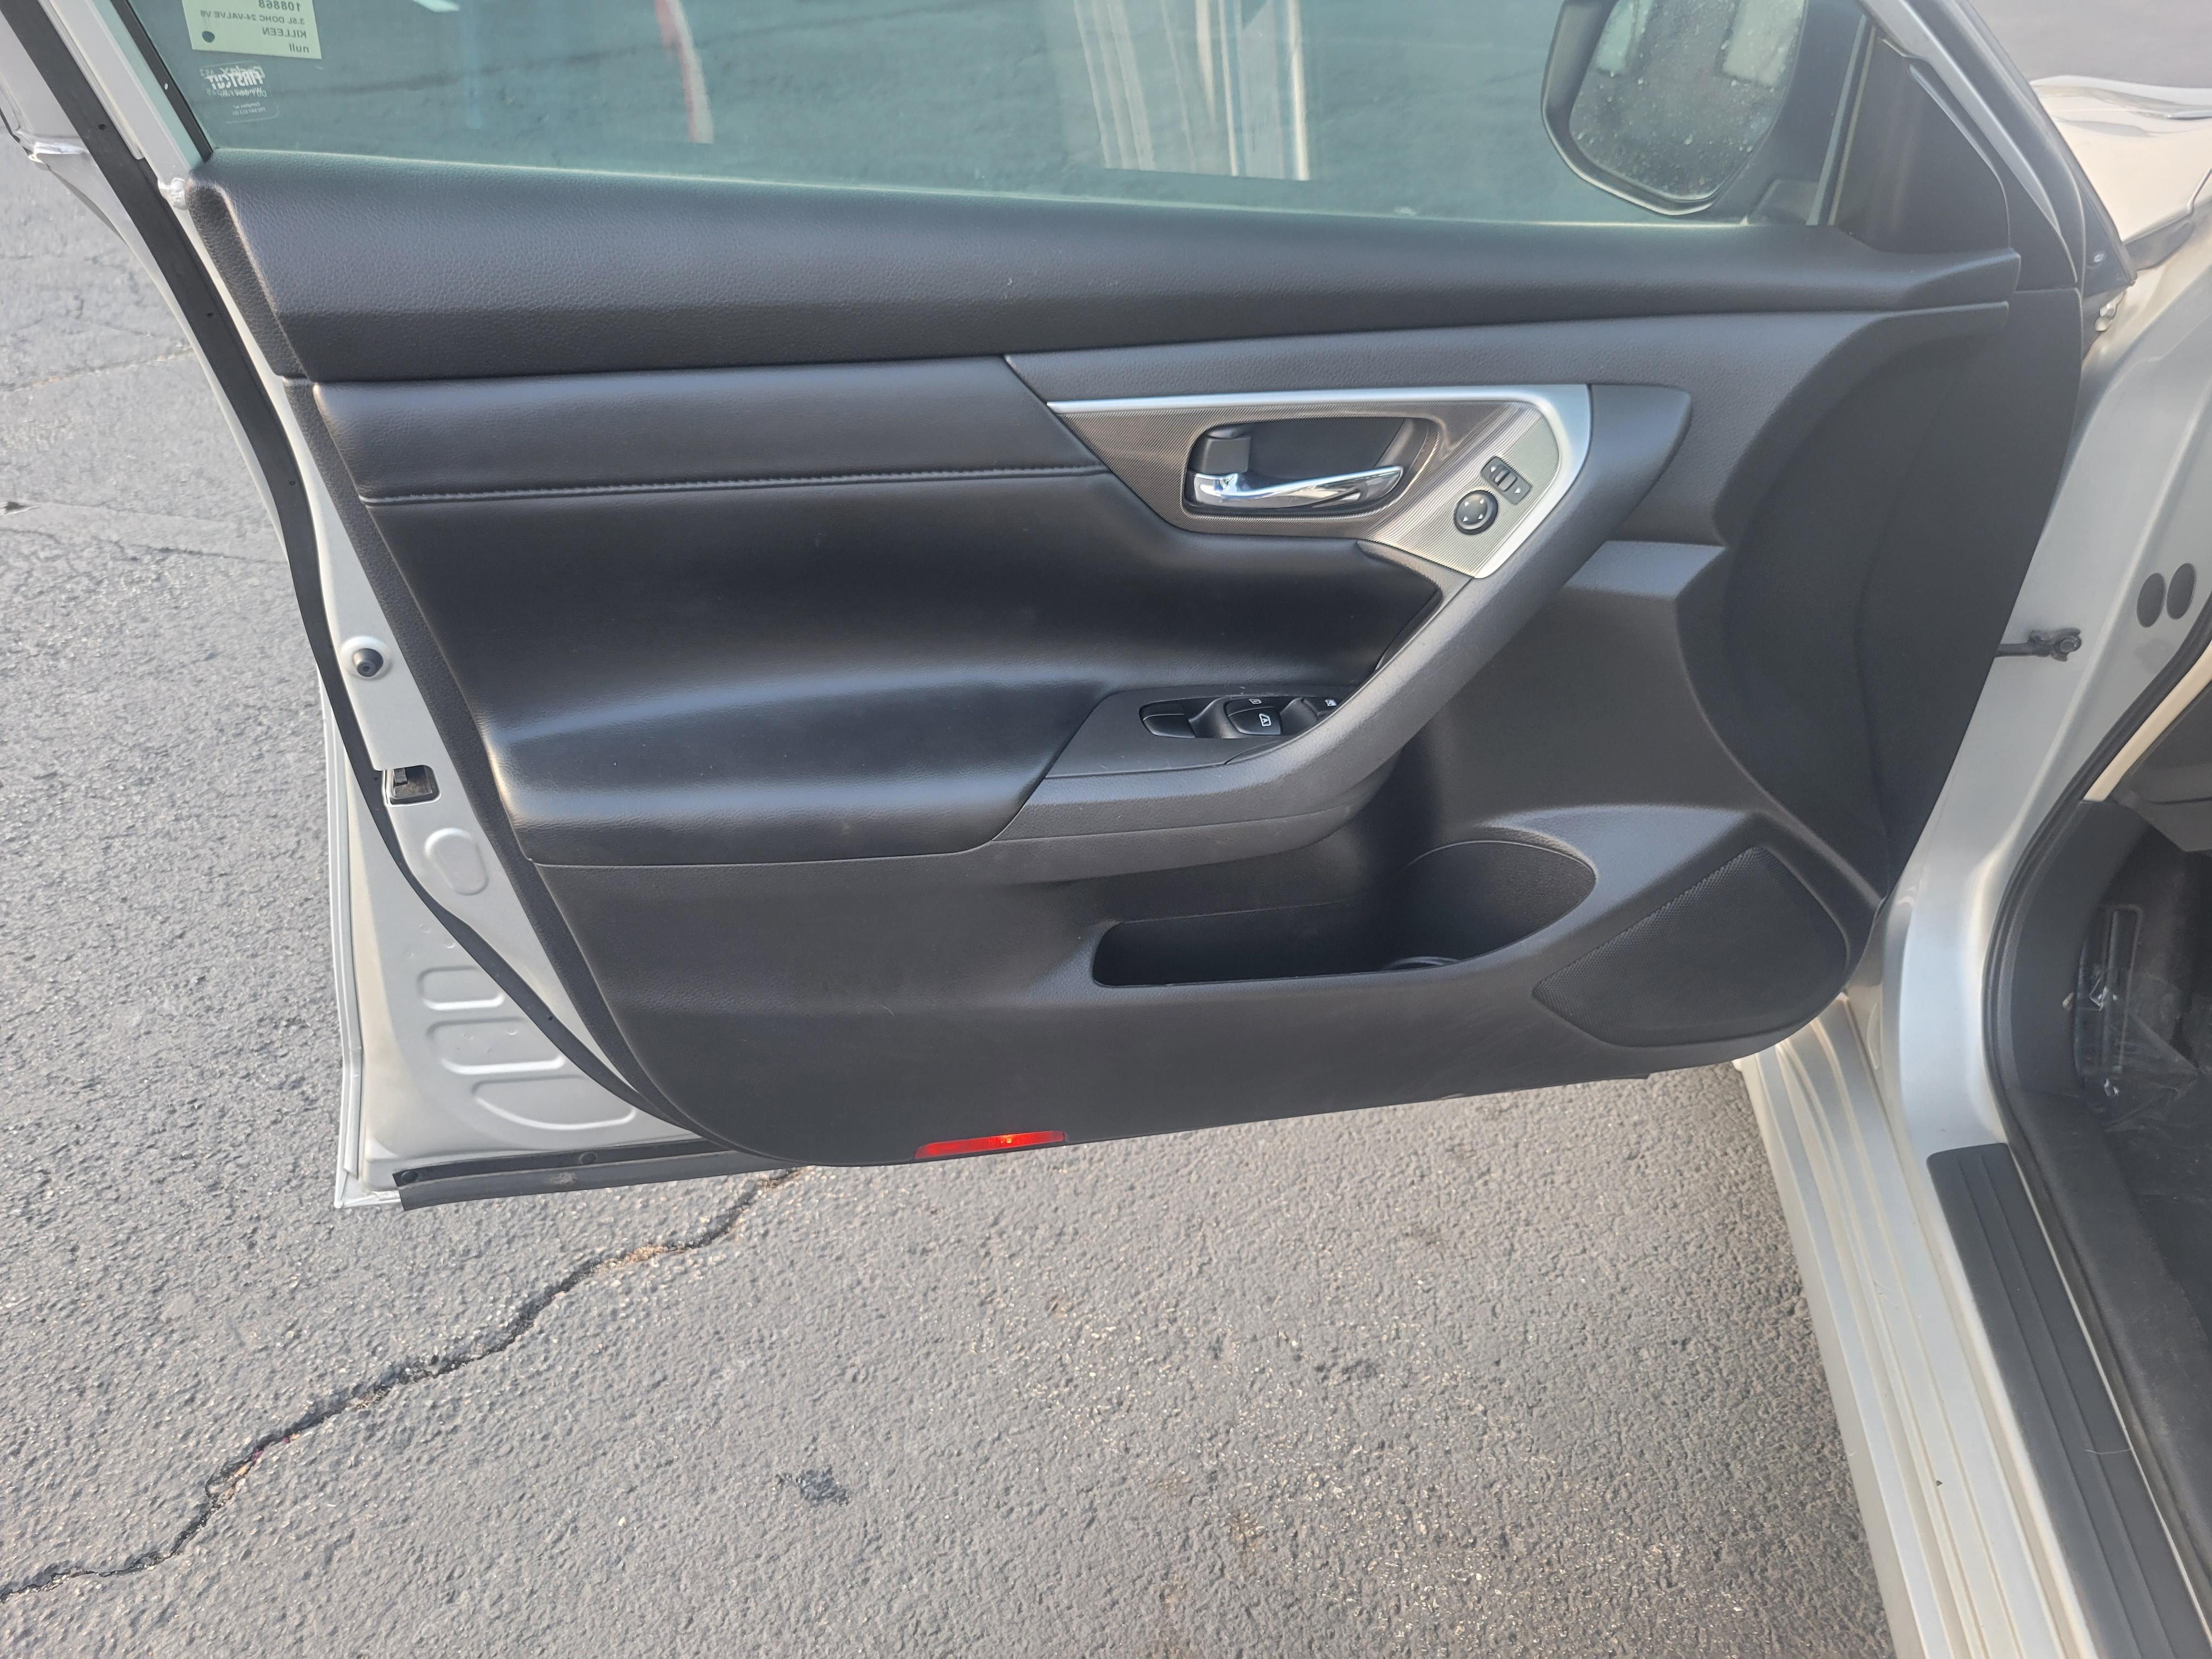 used vehicle - Sedan NISSAN ALTIMA 2013